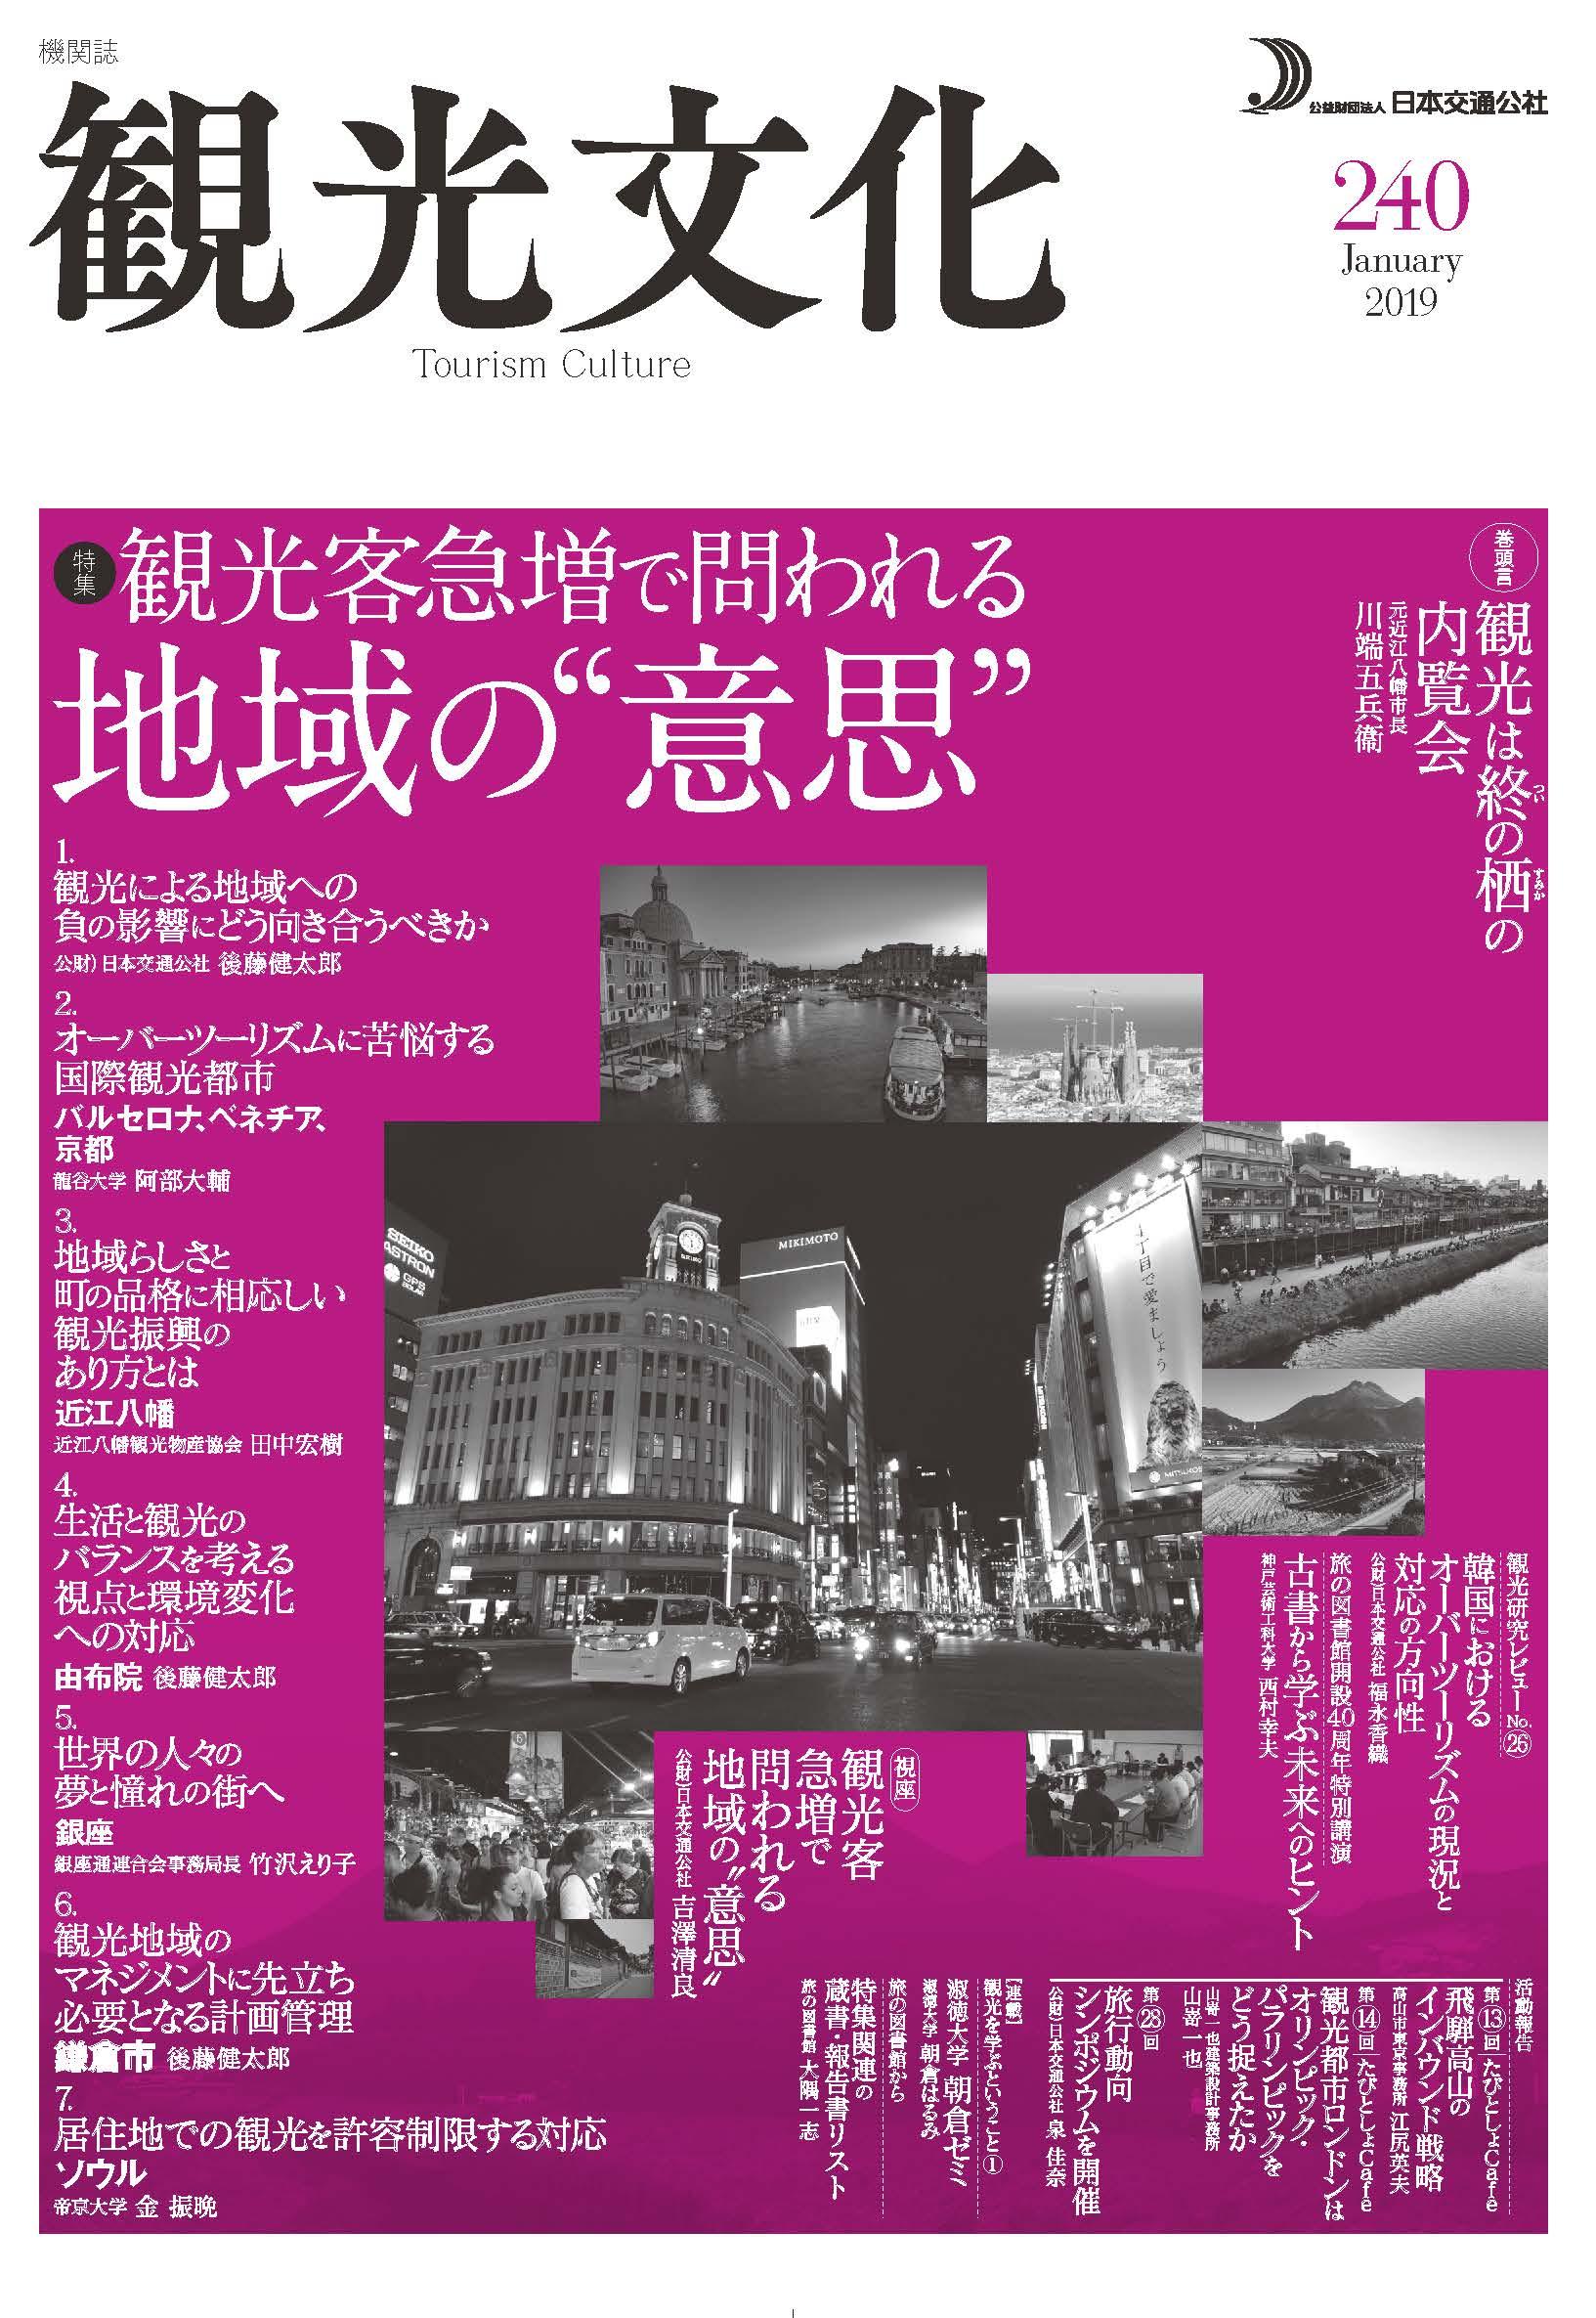 機関誌「観光文化」240号